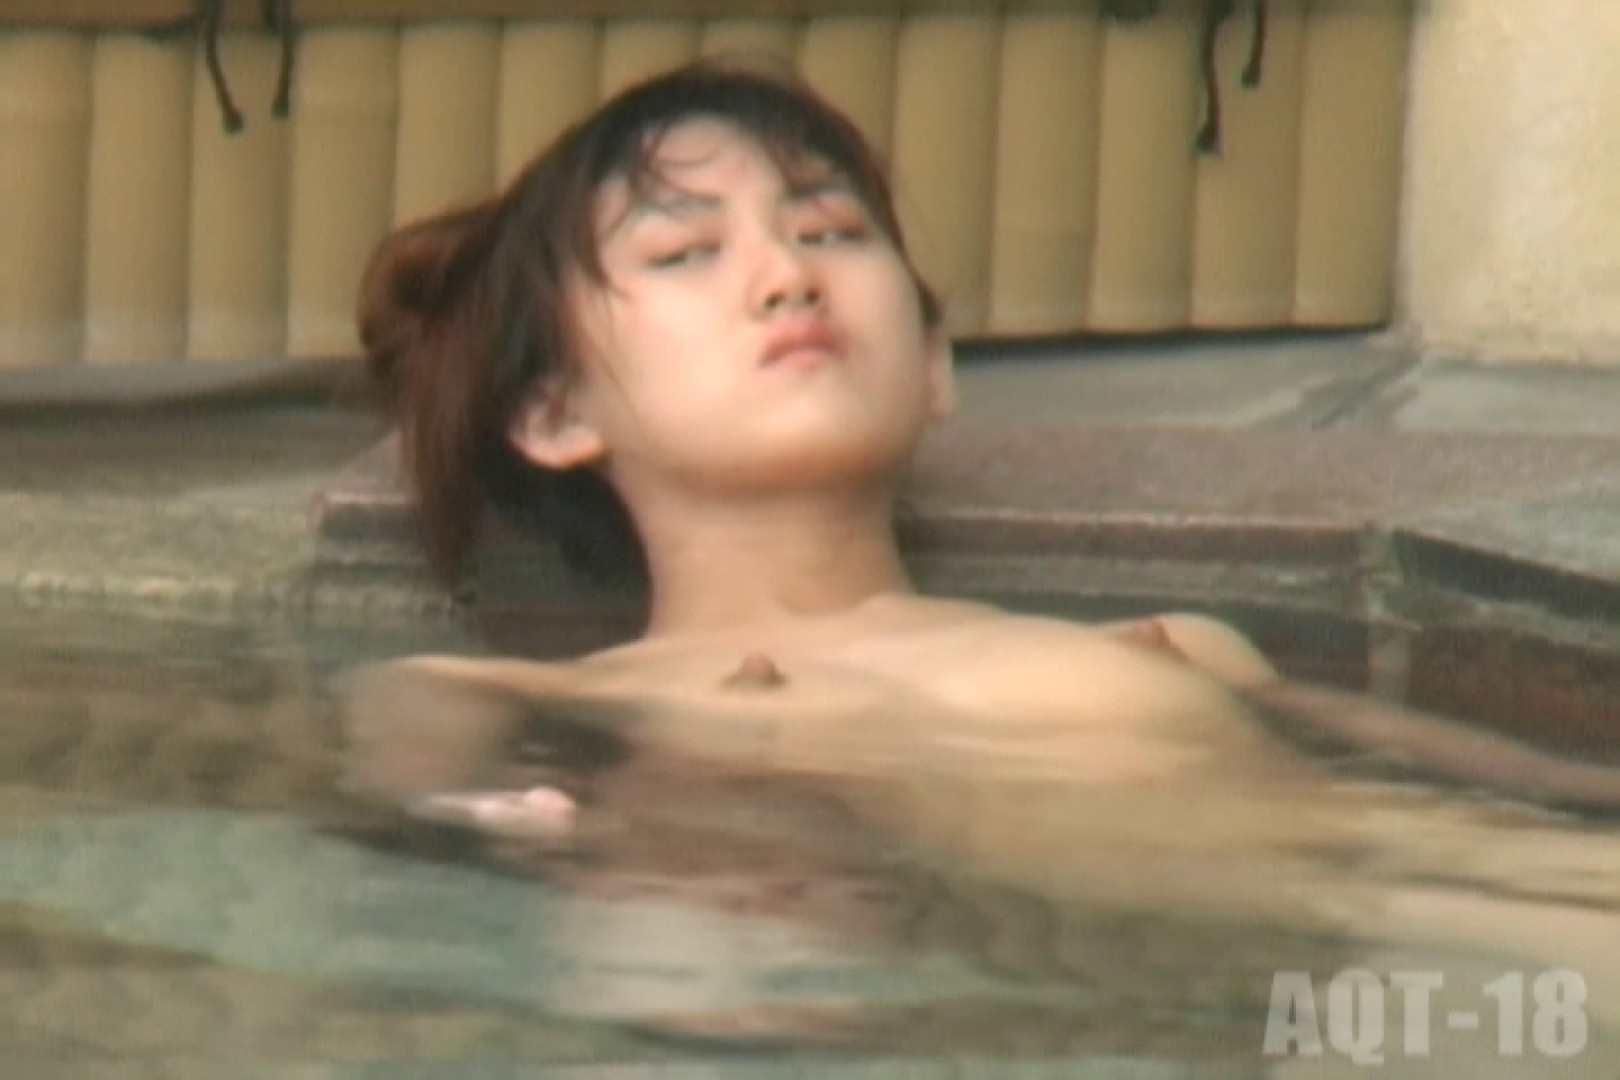 Aquaな露天風呂Vol.862 露天   OLエロ画像  92PICs 34